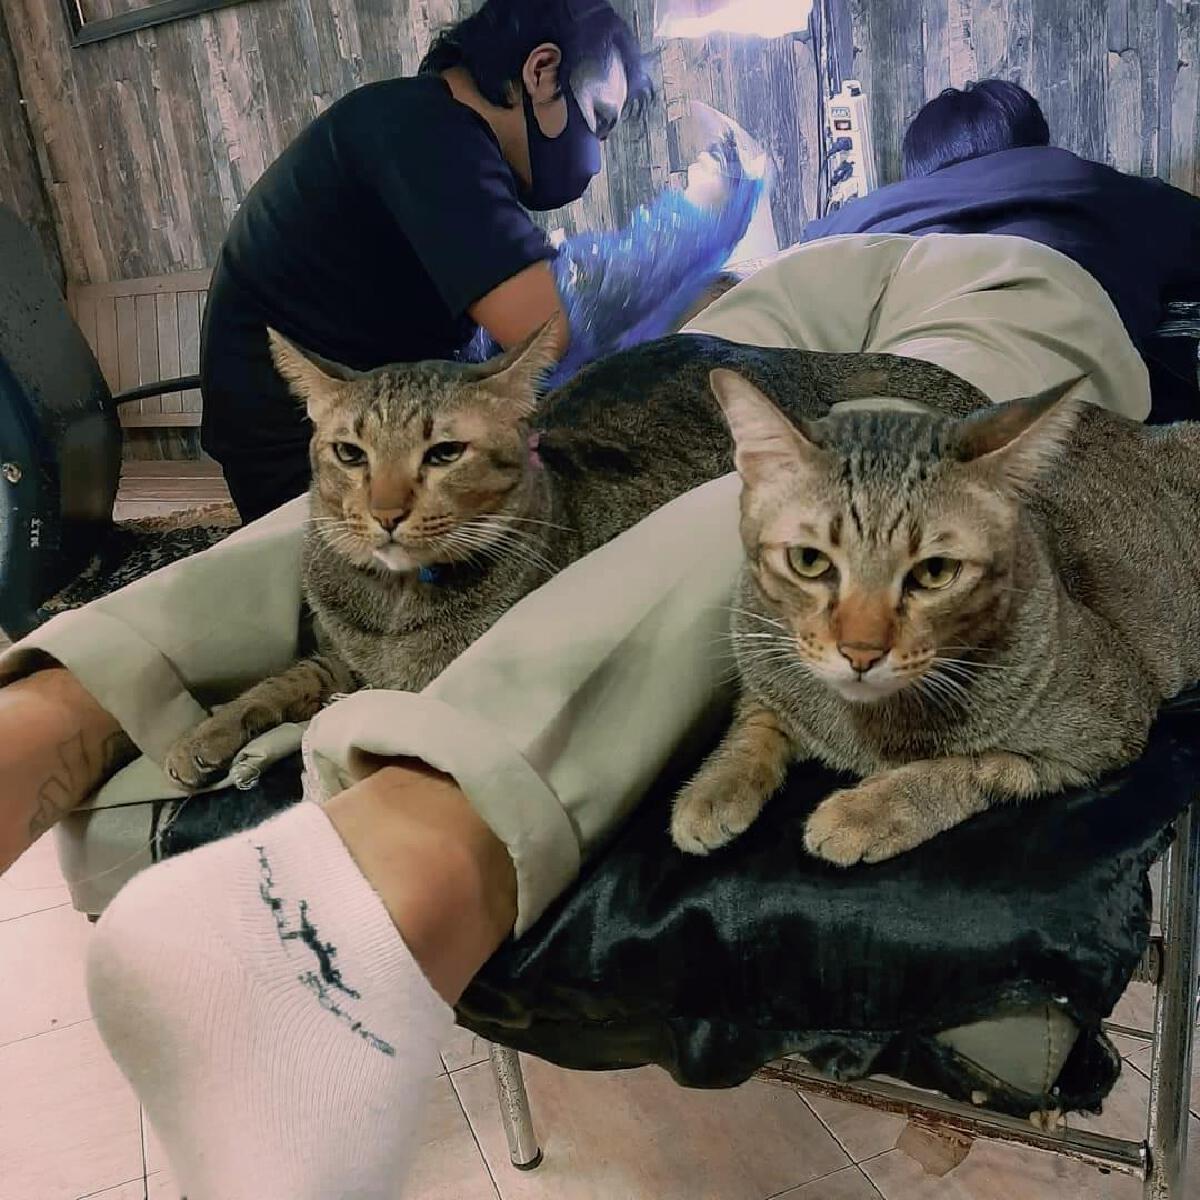 โซเชียลยิ้ม ร้านสักผุดไอเดียเลี้ยงแมวให้มาต้อนรับลูกค้าในร้าน